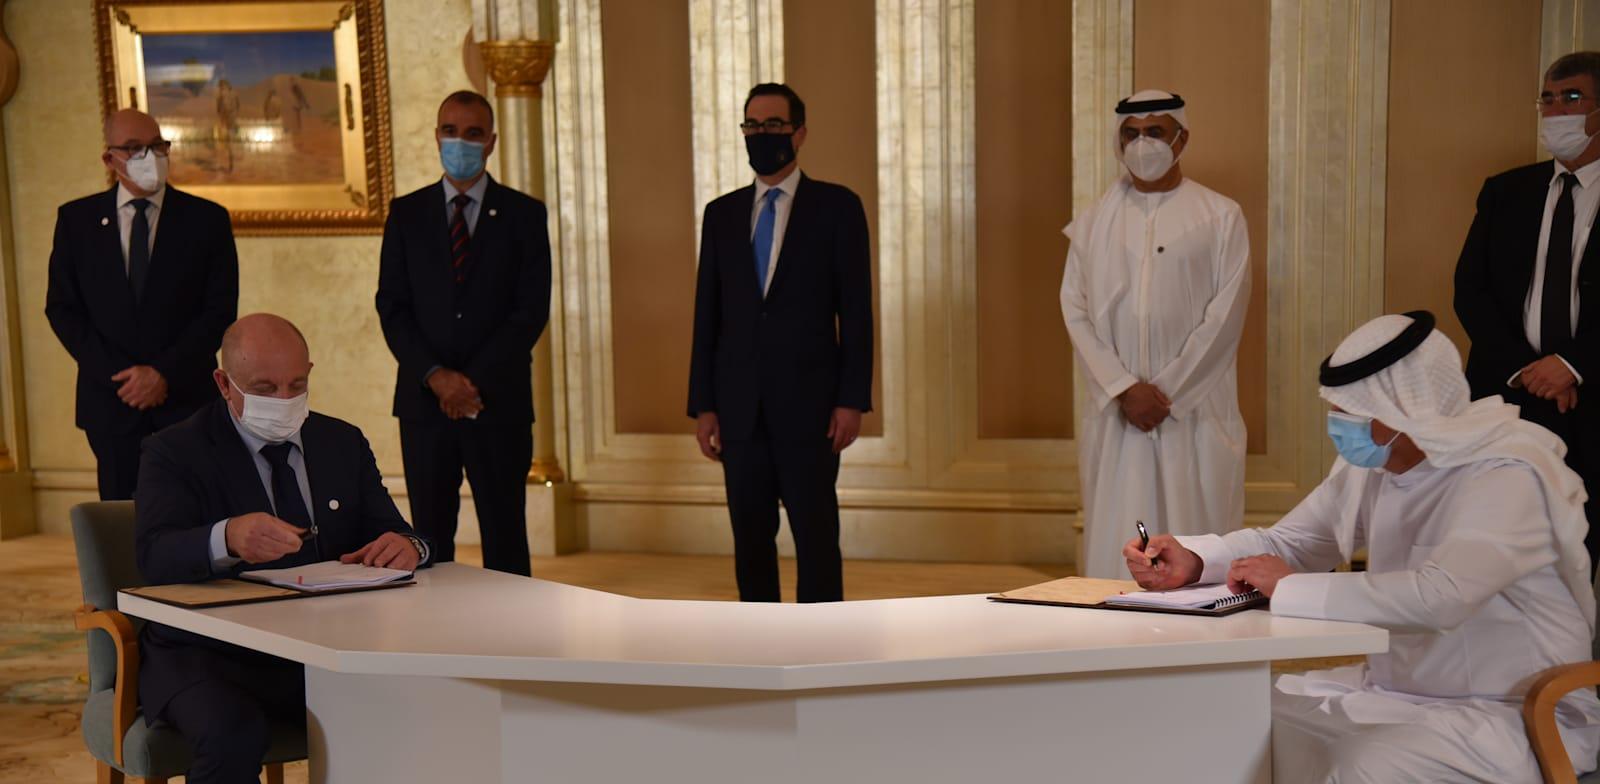 EAPC signs UAE oil pipeline agreement Photo: EAPC spokesperson